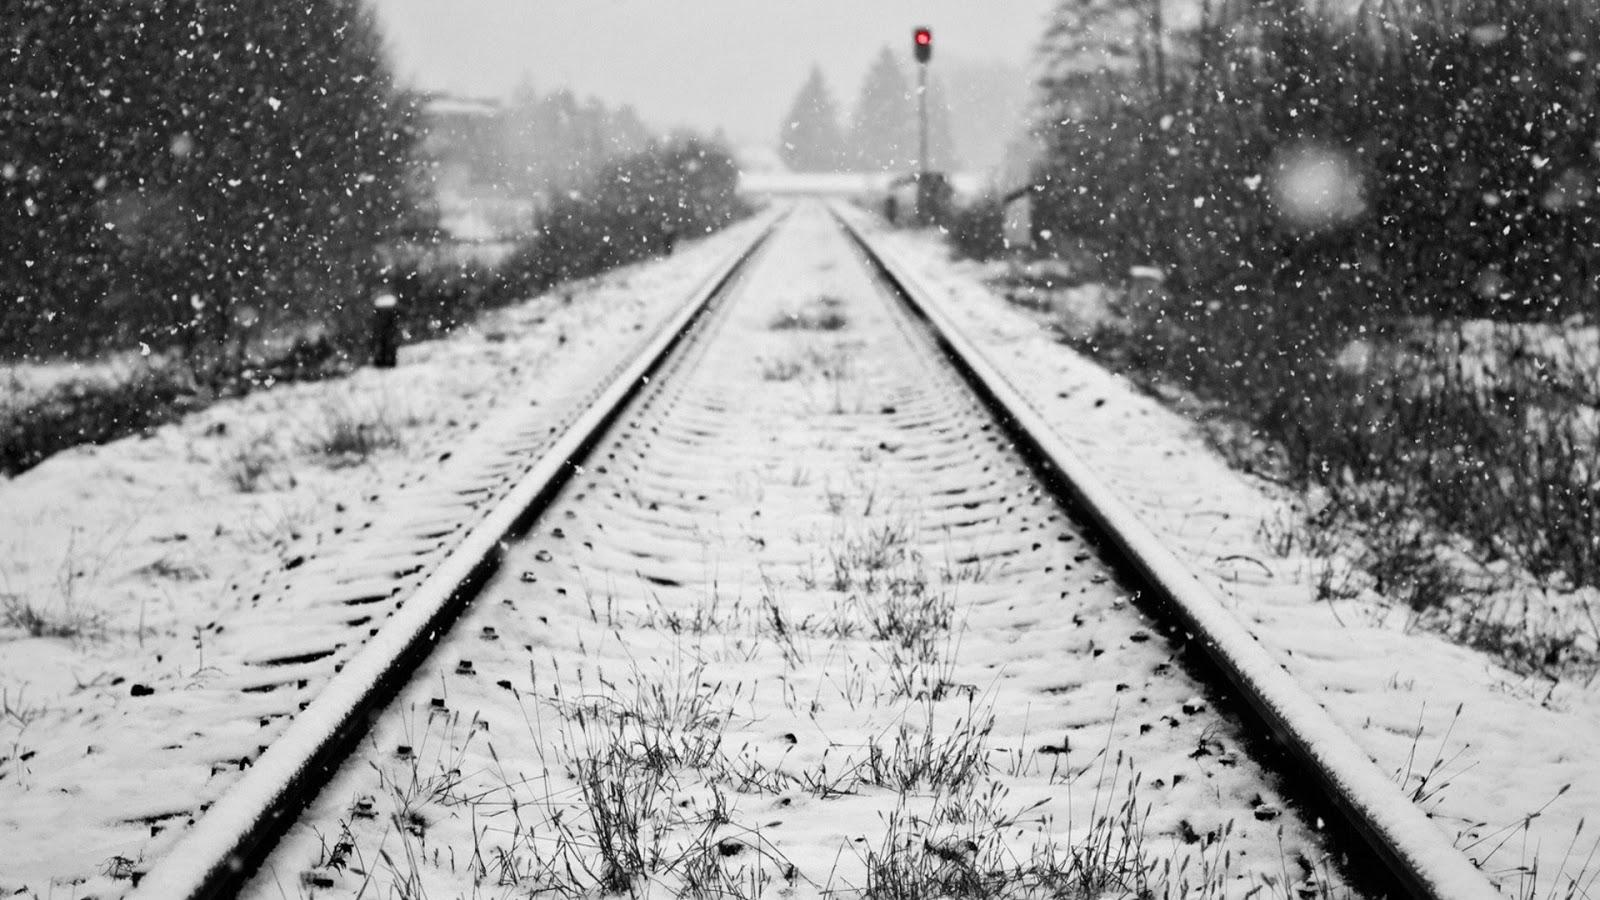 Las vías del norte se han visto cubiertas de nieve durante la pasada semana. Foto: Imágenes horabuena.